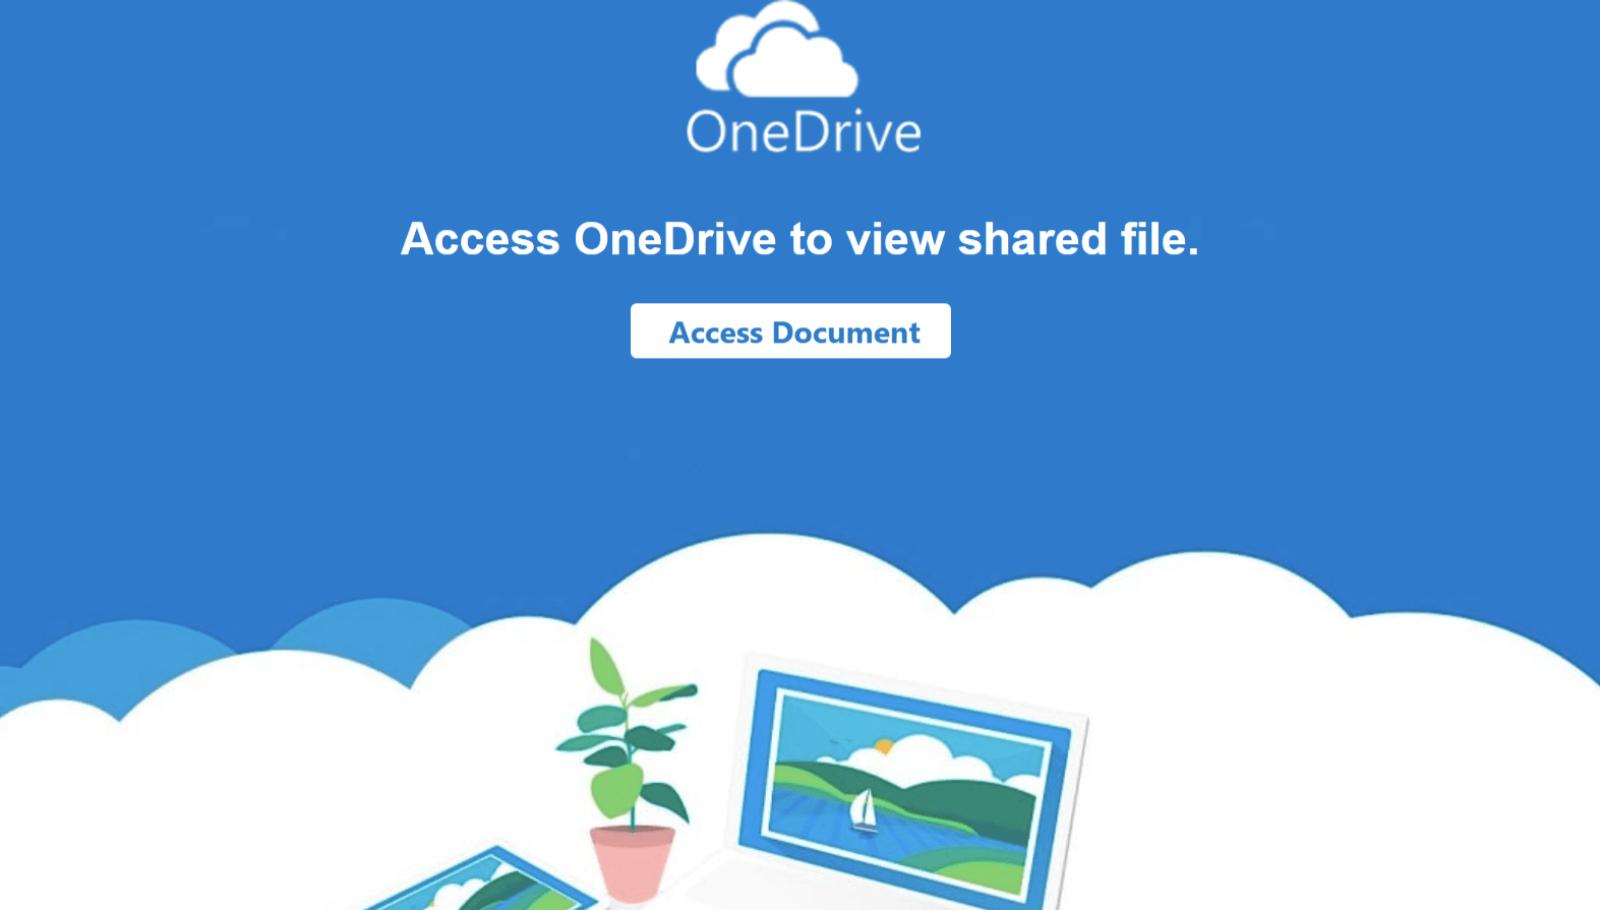 この図はOneDriveロゴが付いたPDFファイルの画像を示しており、ユーザーにクリックを求めています。